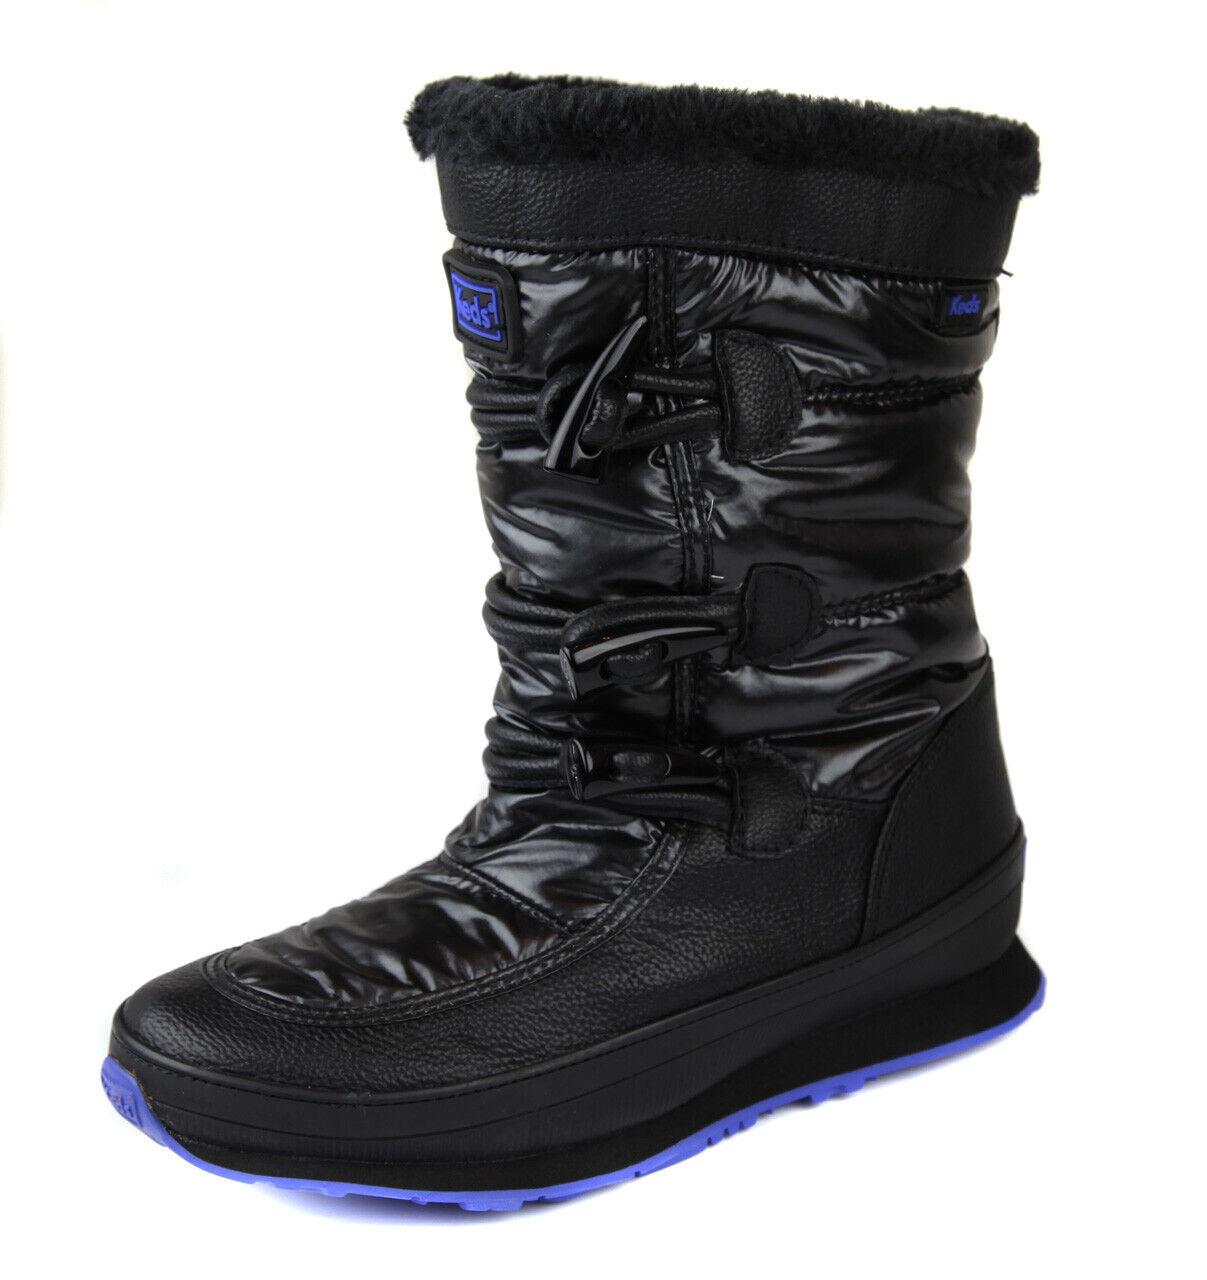 Keds Mujer Azul Marino Powderpuff con Forro de Piel Artificial botas Ret Nuevo